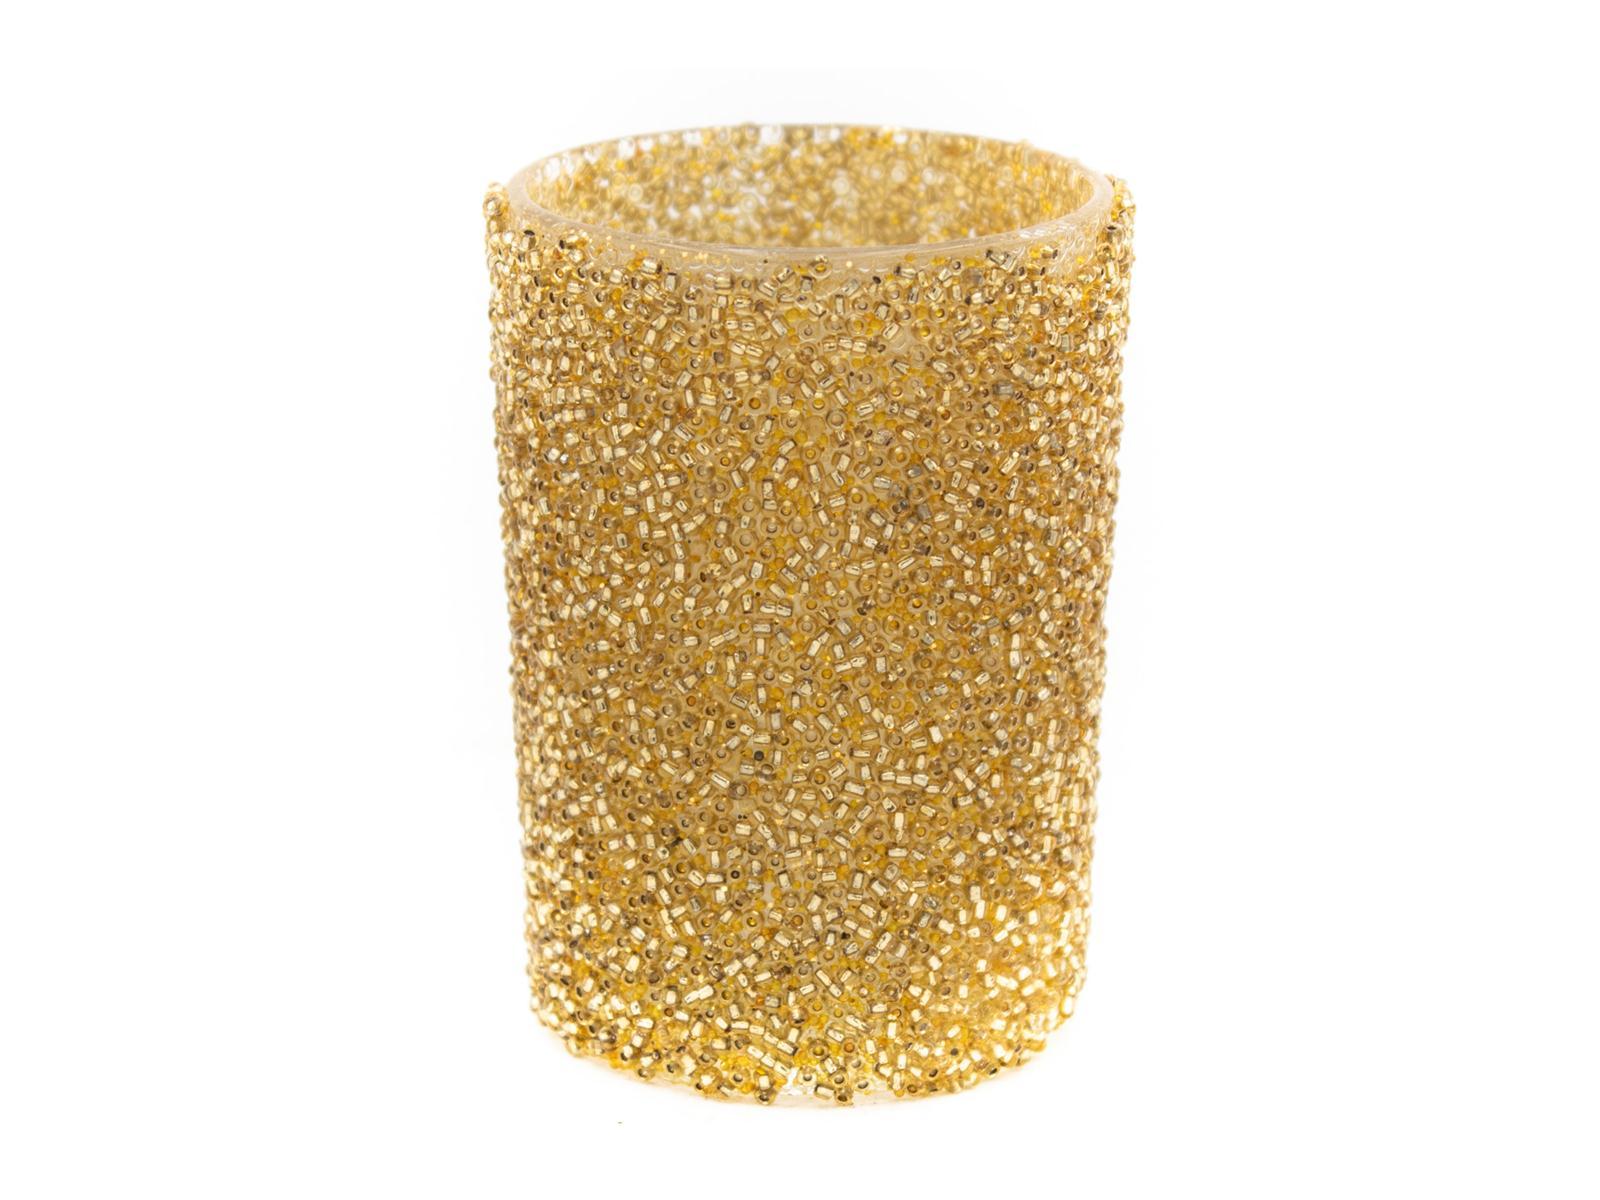 Glas für Teelicht, gold, Glitter, 6 x 8,5 cm